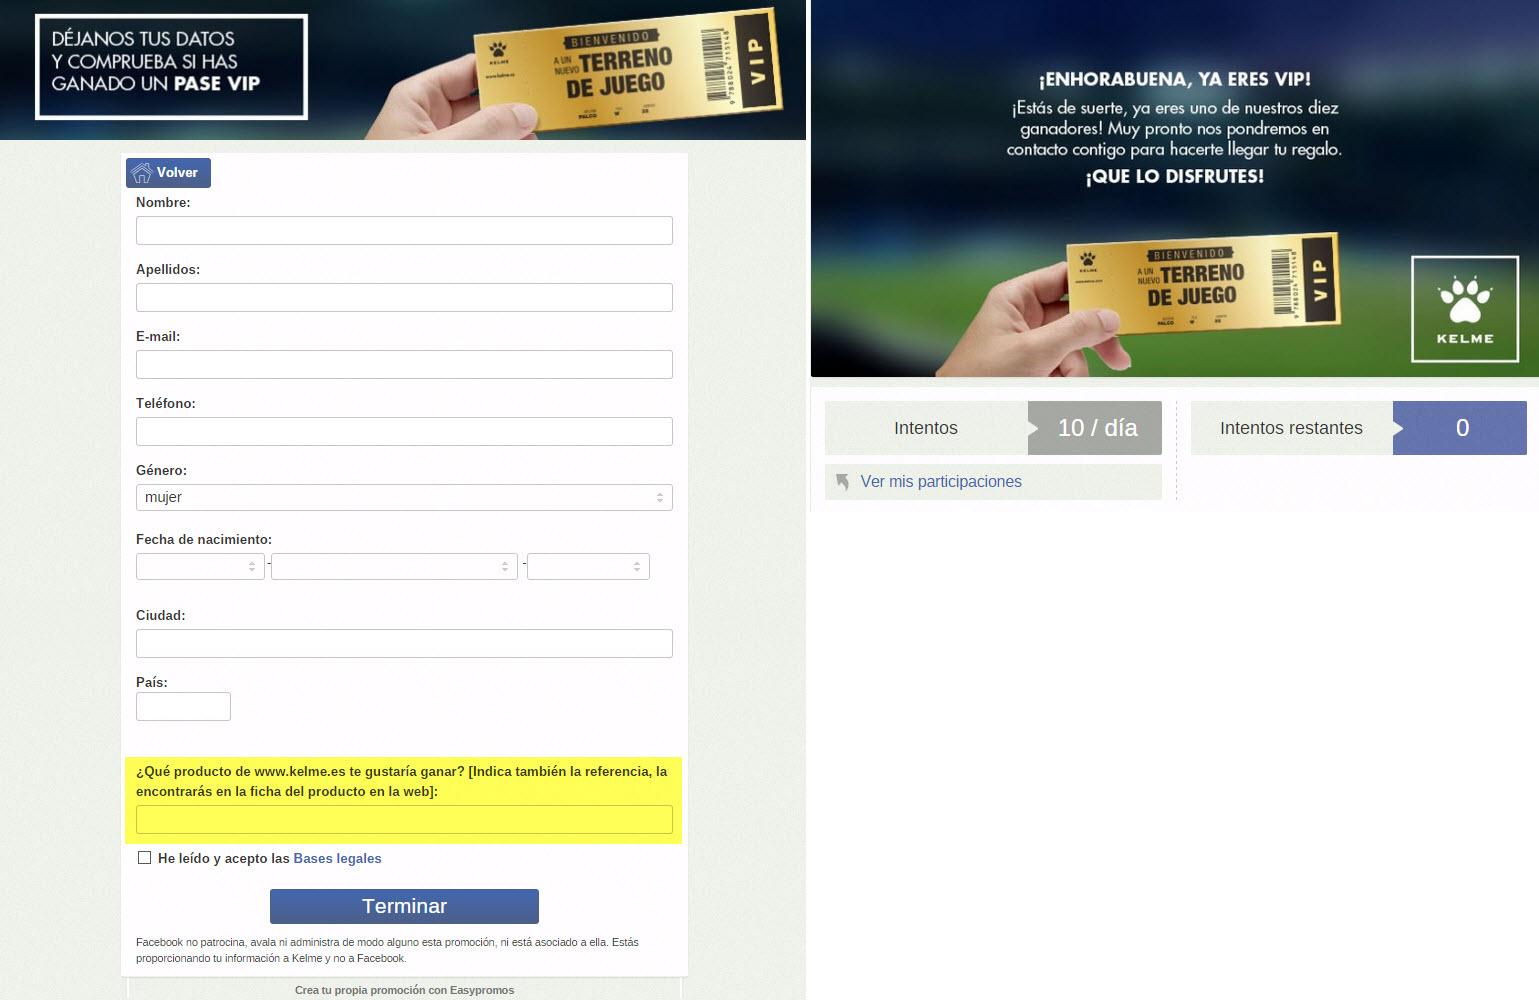 promotion's registration form